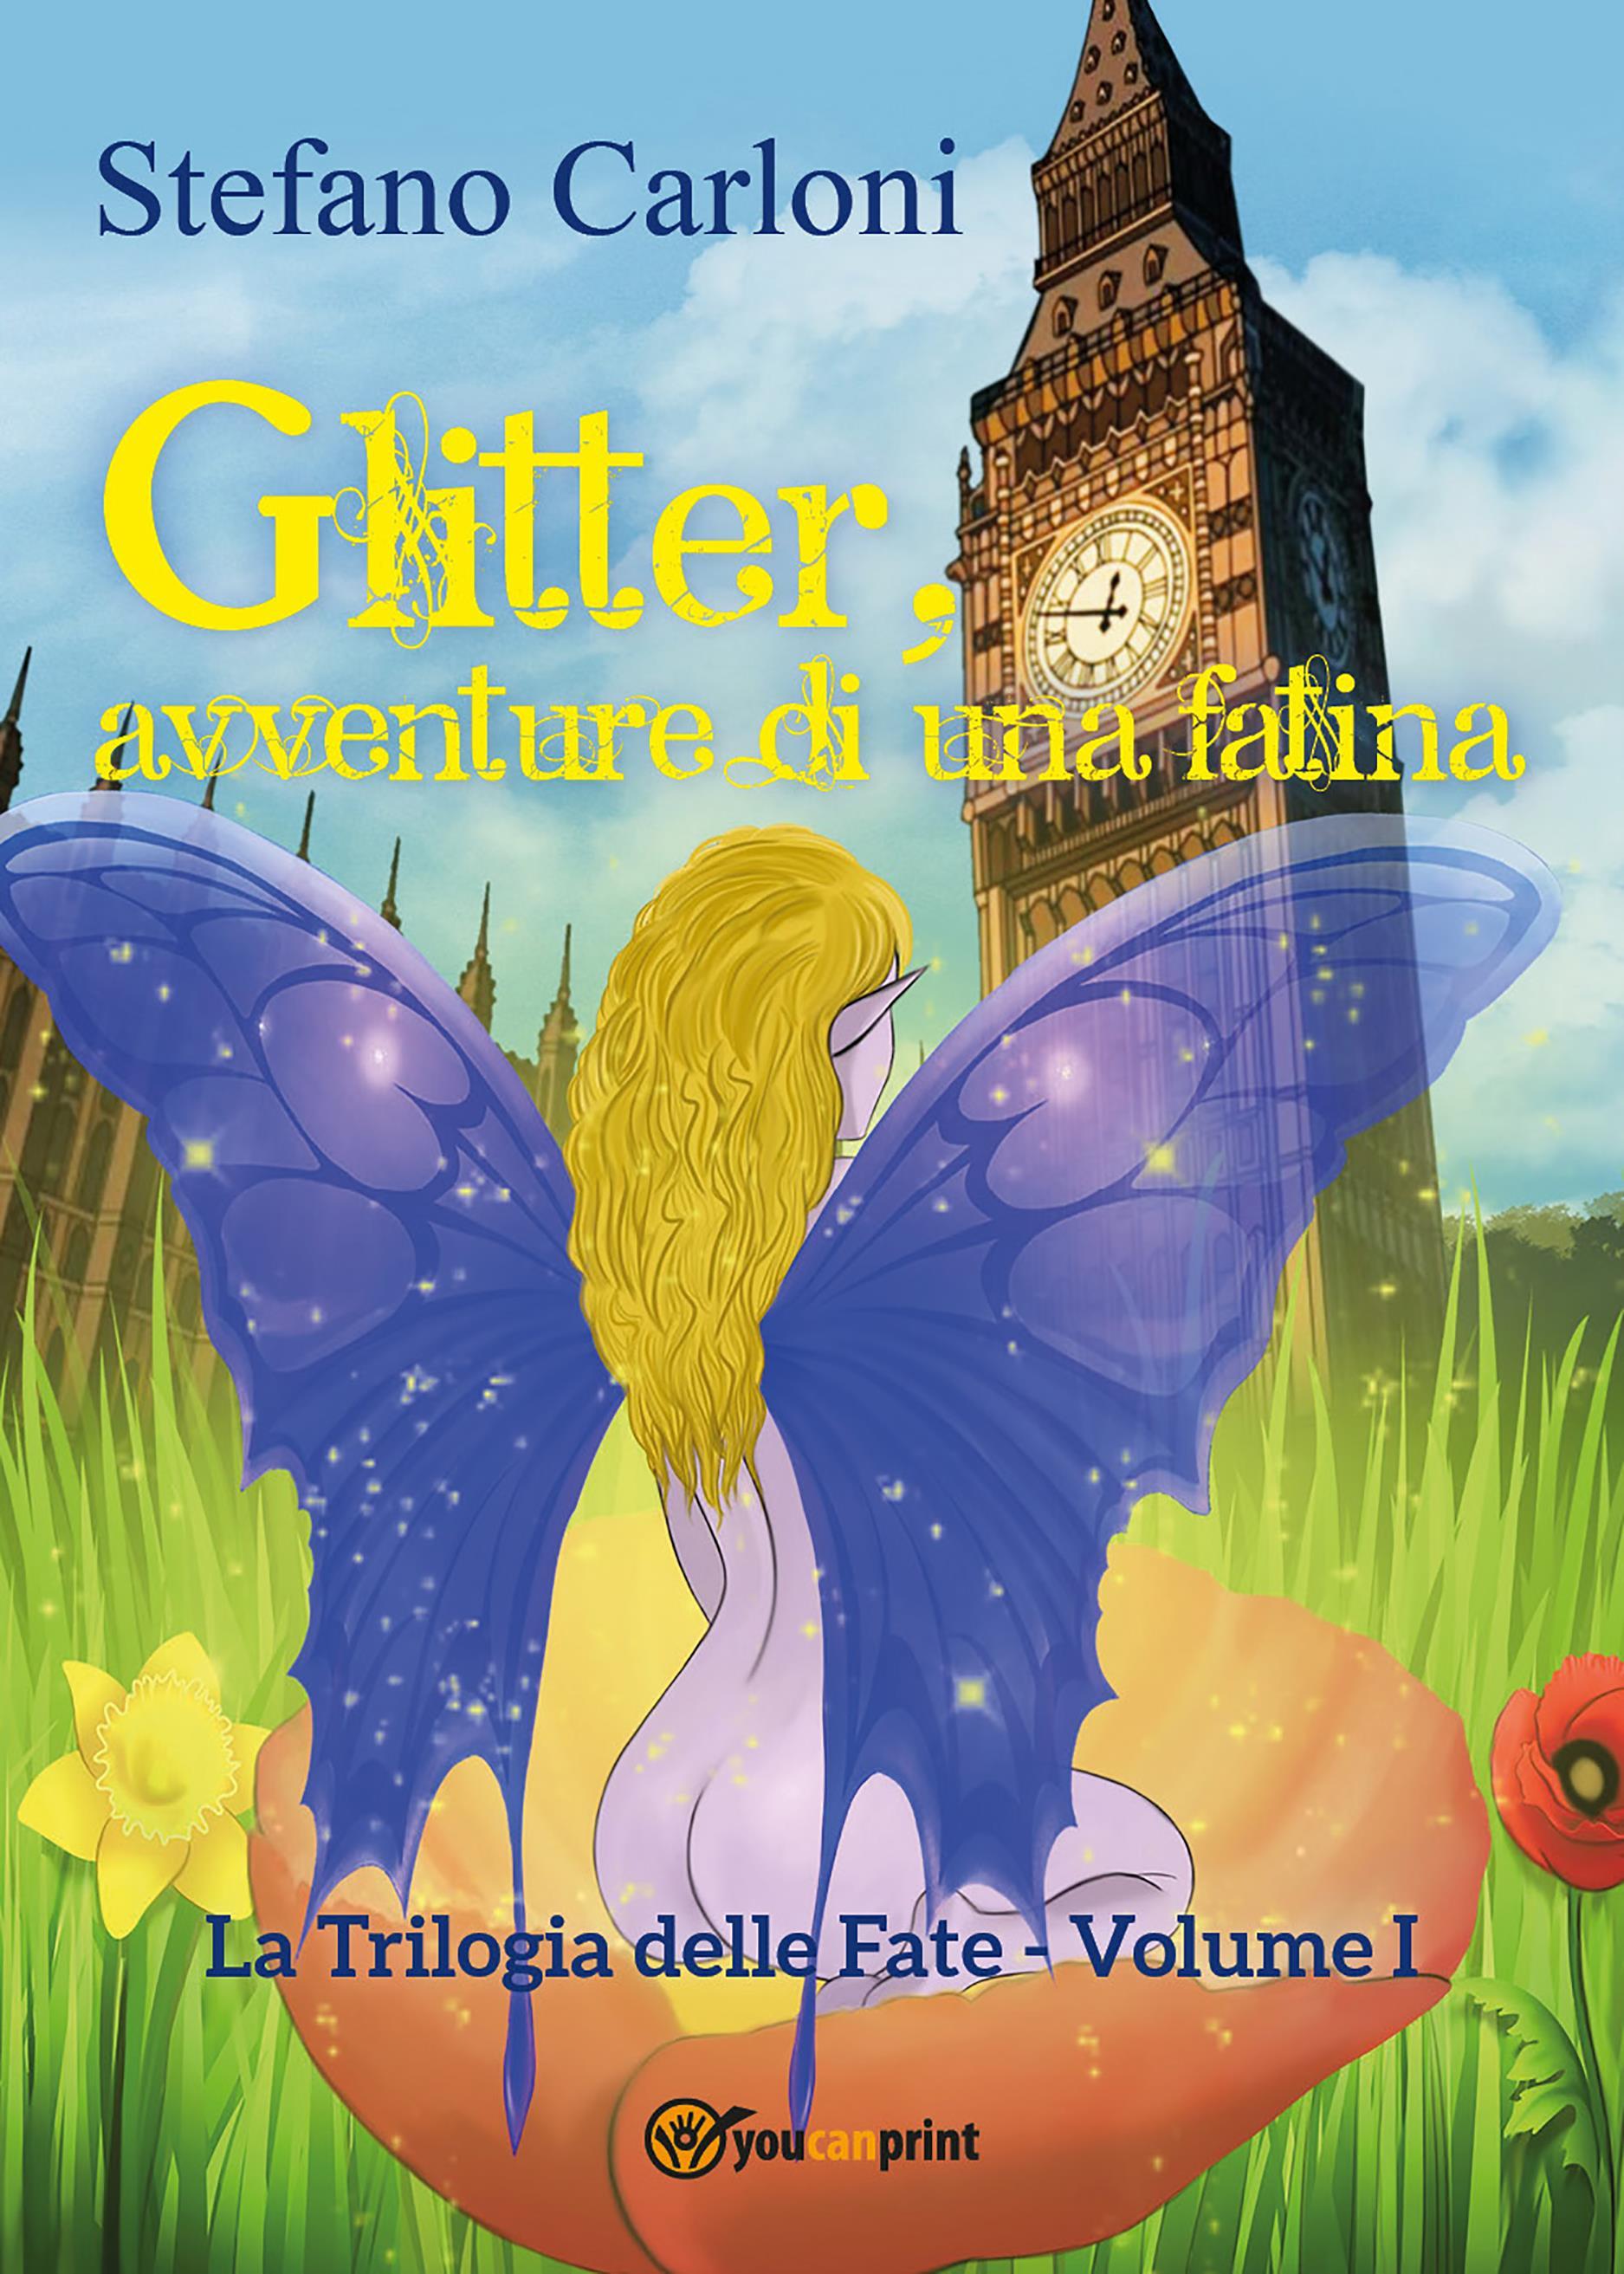 Glitter, avventure di una fatina. La Trilogia delle Fate - Volume I